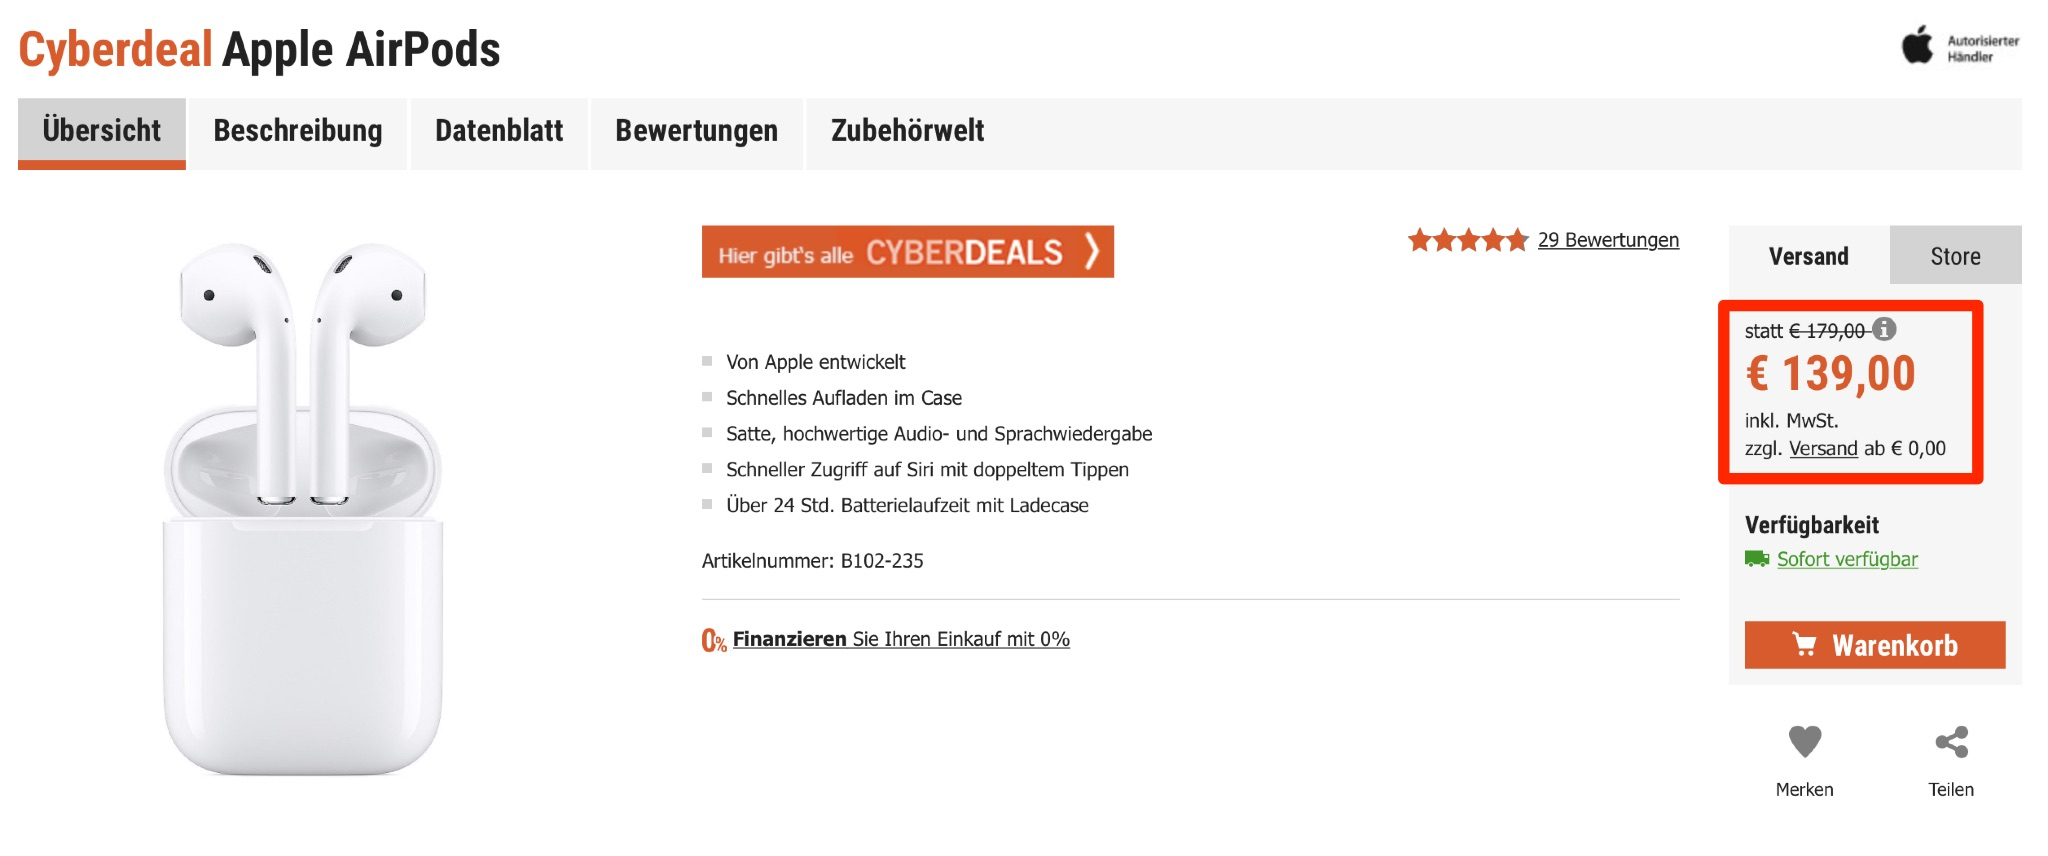 AirPods derzeit nur 139 Euro › Macerkopf